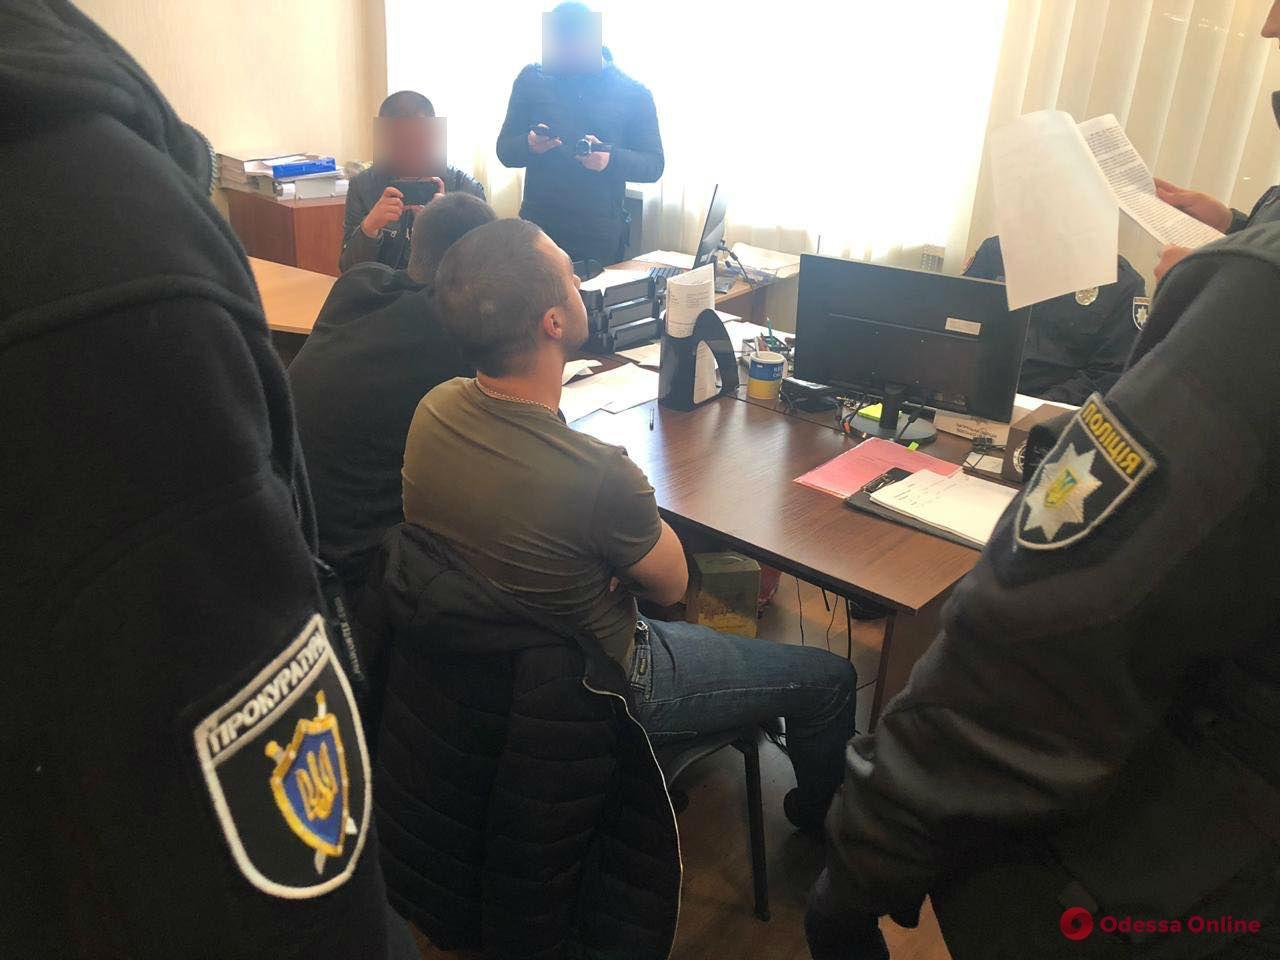 «Выбивали» признание из задержанных: в Одессе открыли уголовное производство против патрульных (обновлено)